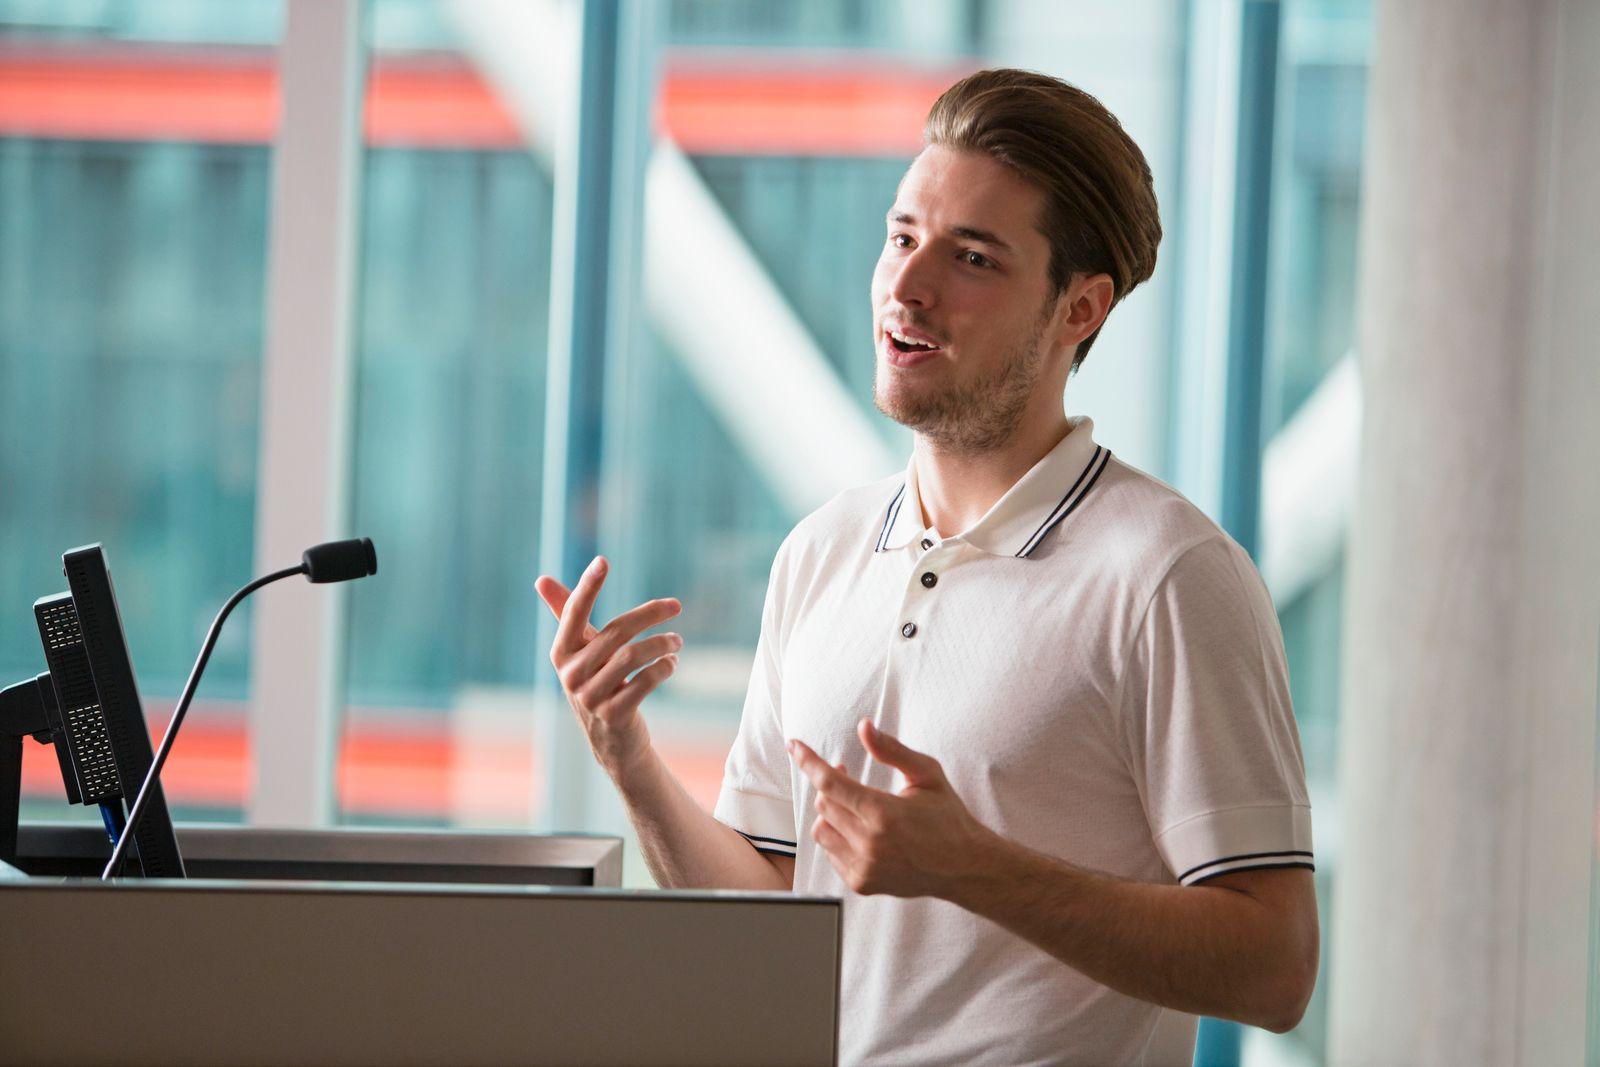 NICHT MEHR VERWENDEN! - Young man giving lecture